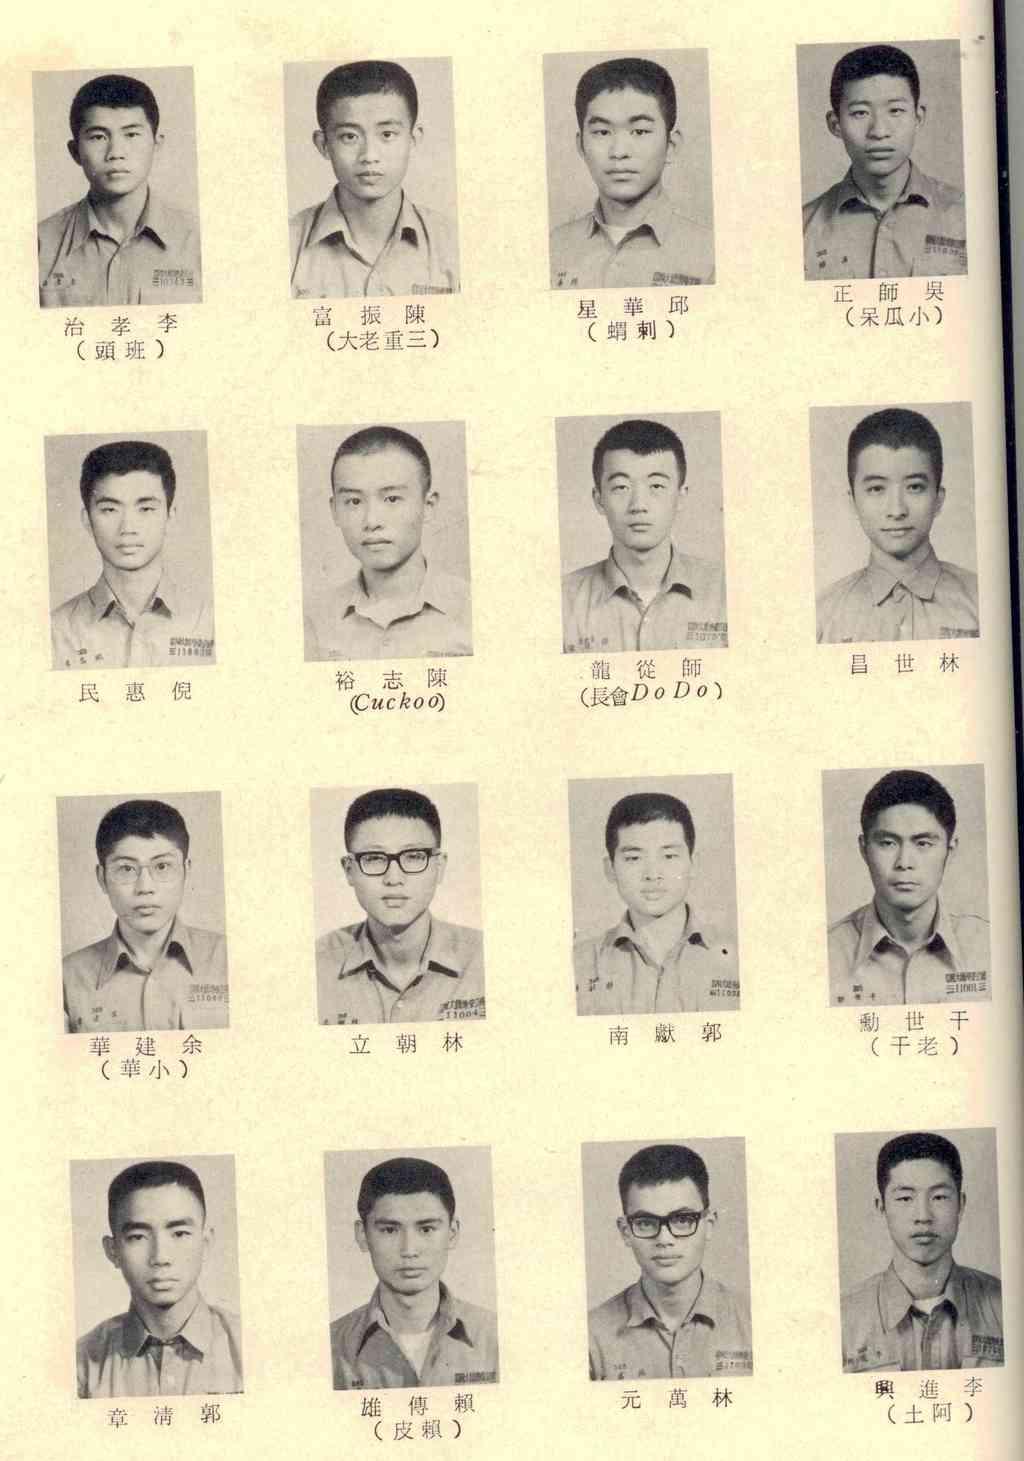 1975 師大附中 - 四年級部落格 - 新浪部落